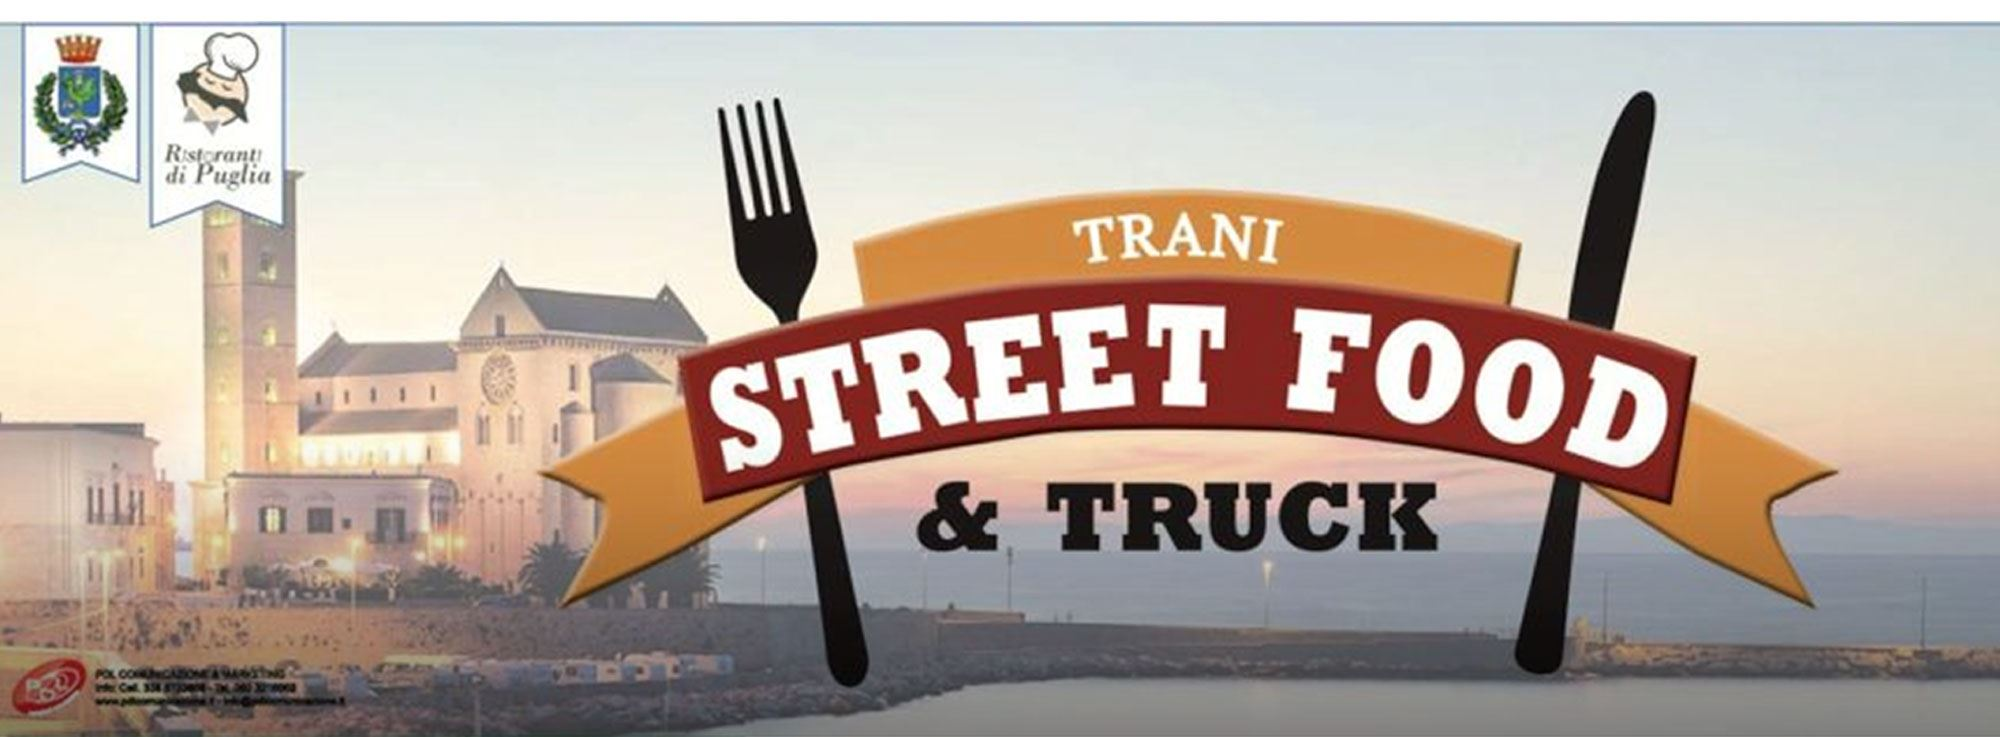 Trani: Street Food & Truck